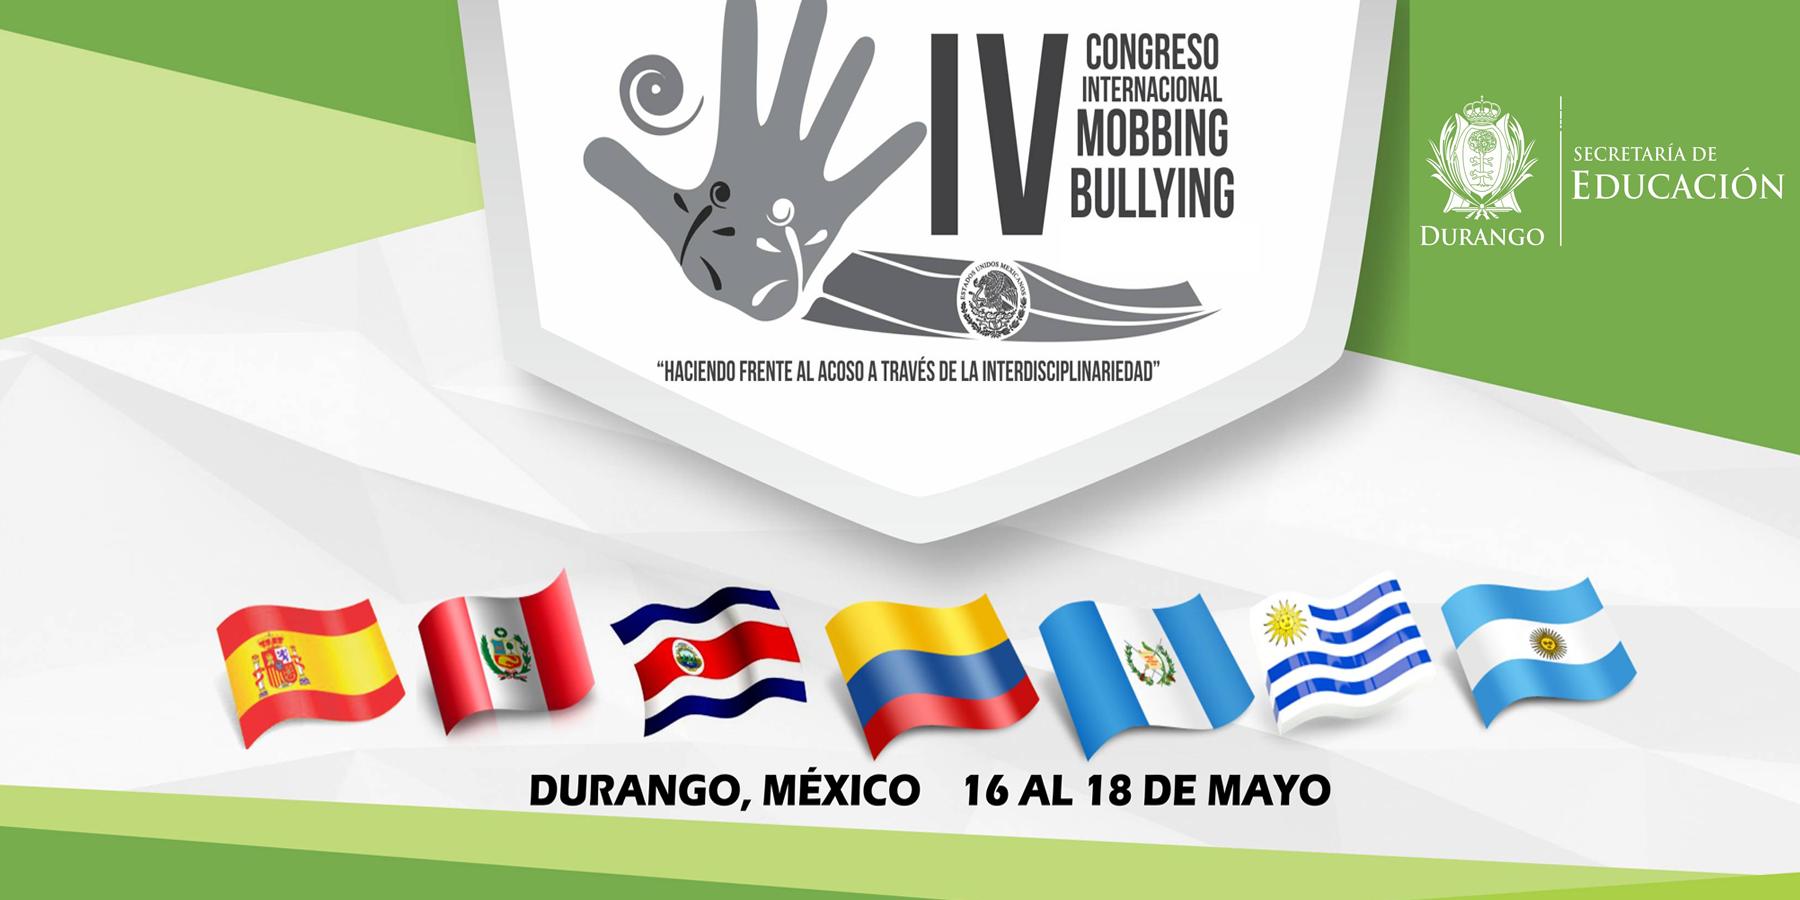 Resultado de imagen para congreso internacional de mobbing y bullying durango